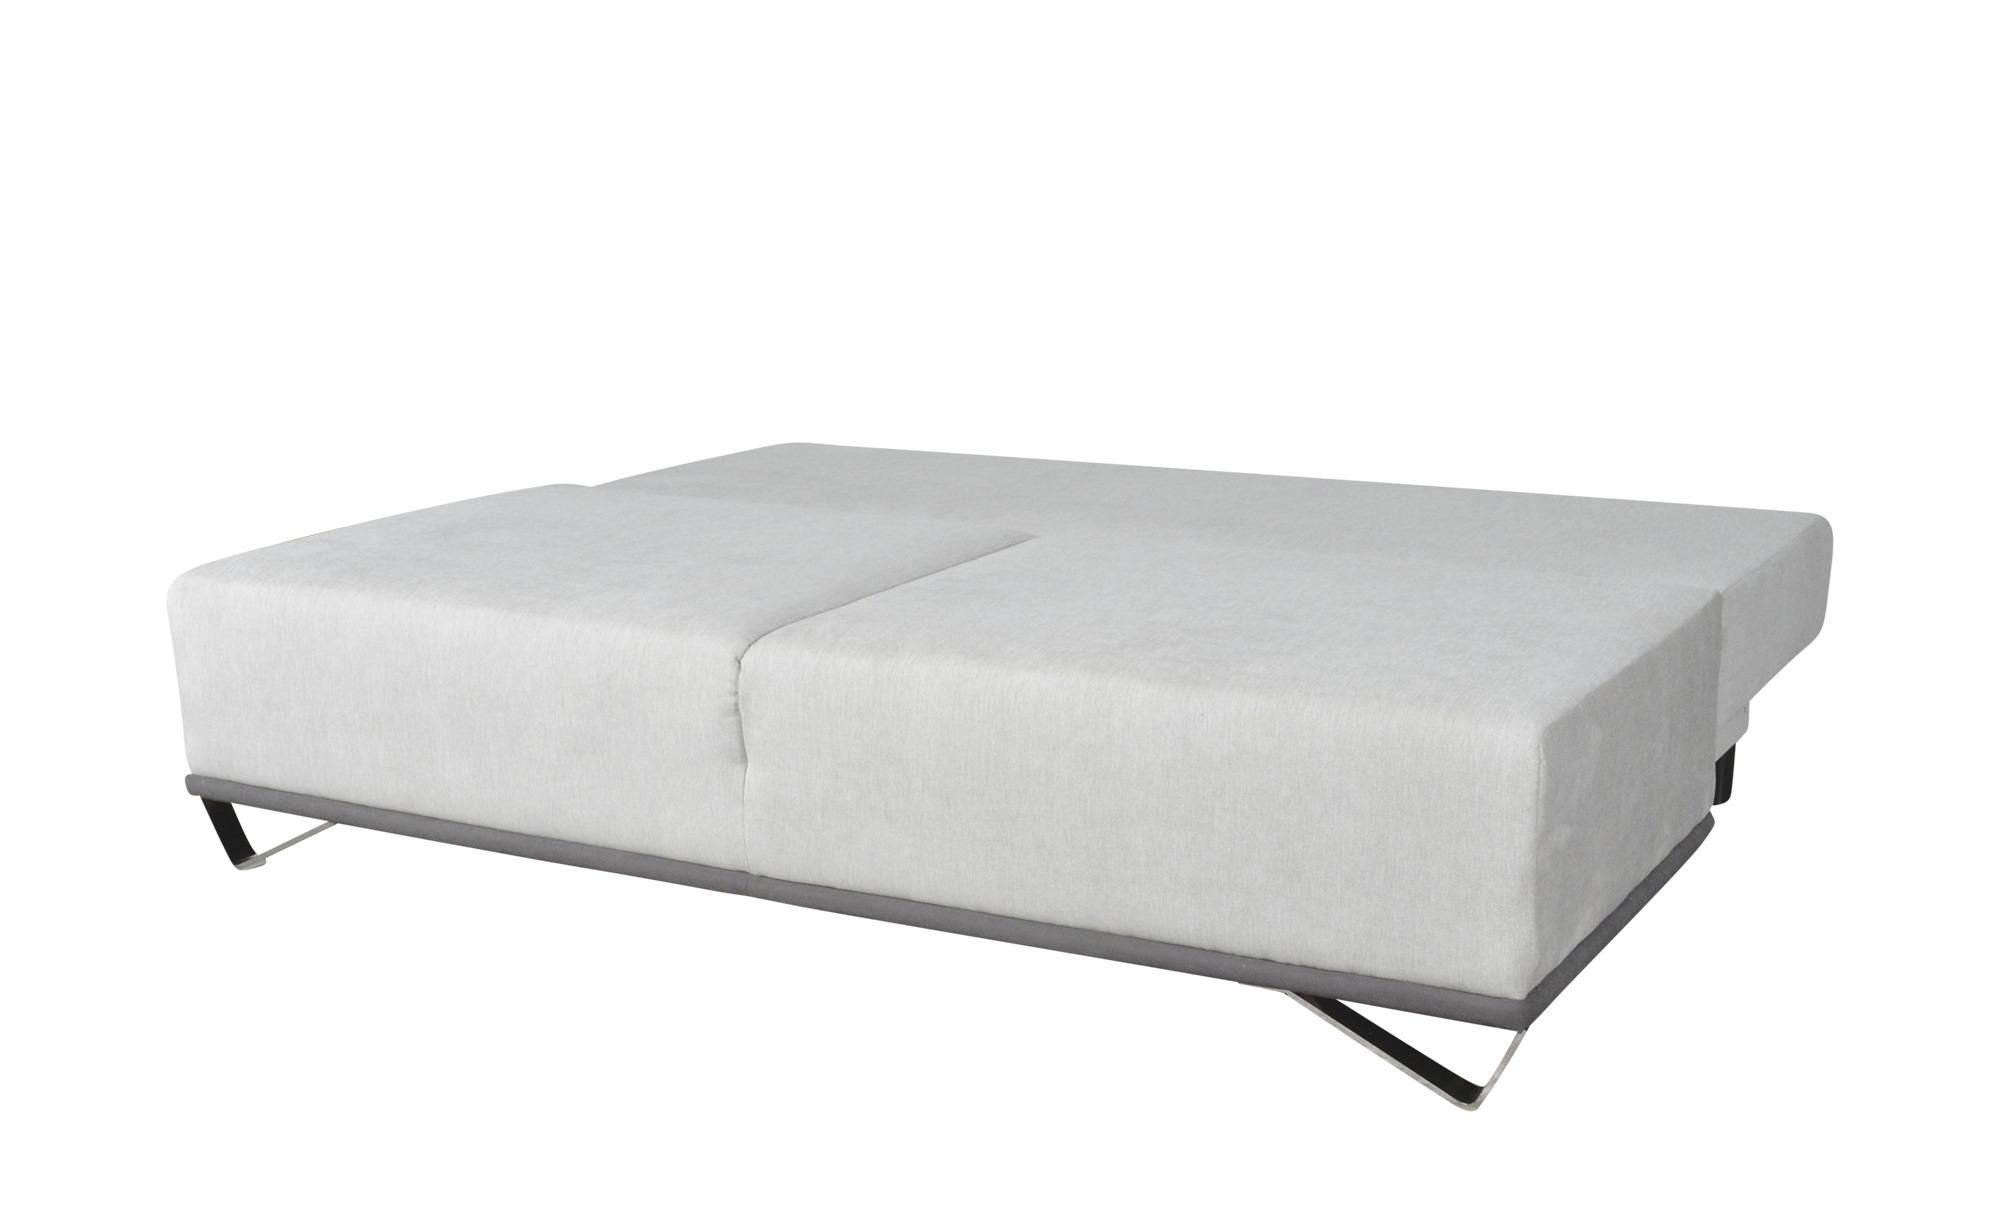 Full Size of Bett Ausklappbar Klappbar Wandbefestigung Ausklappbares Englisch Ikea Stauraum Wand Mit Zum Doppelbett Schrank Ausklappen 180x200 Sofa Schlafsofa Sconto Der Bett Bett Ausklappbar